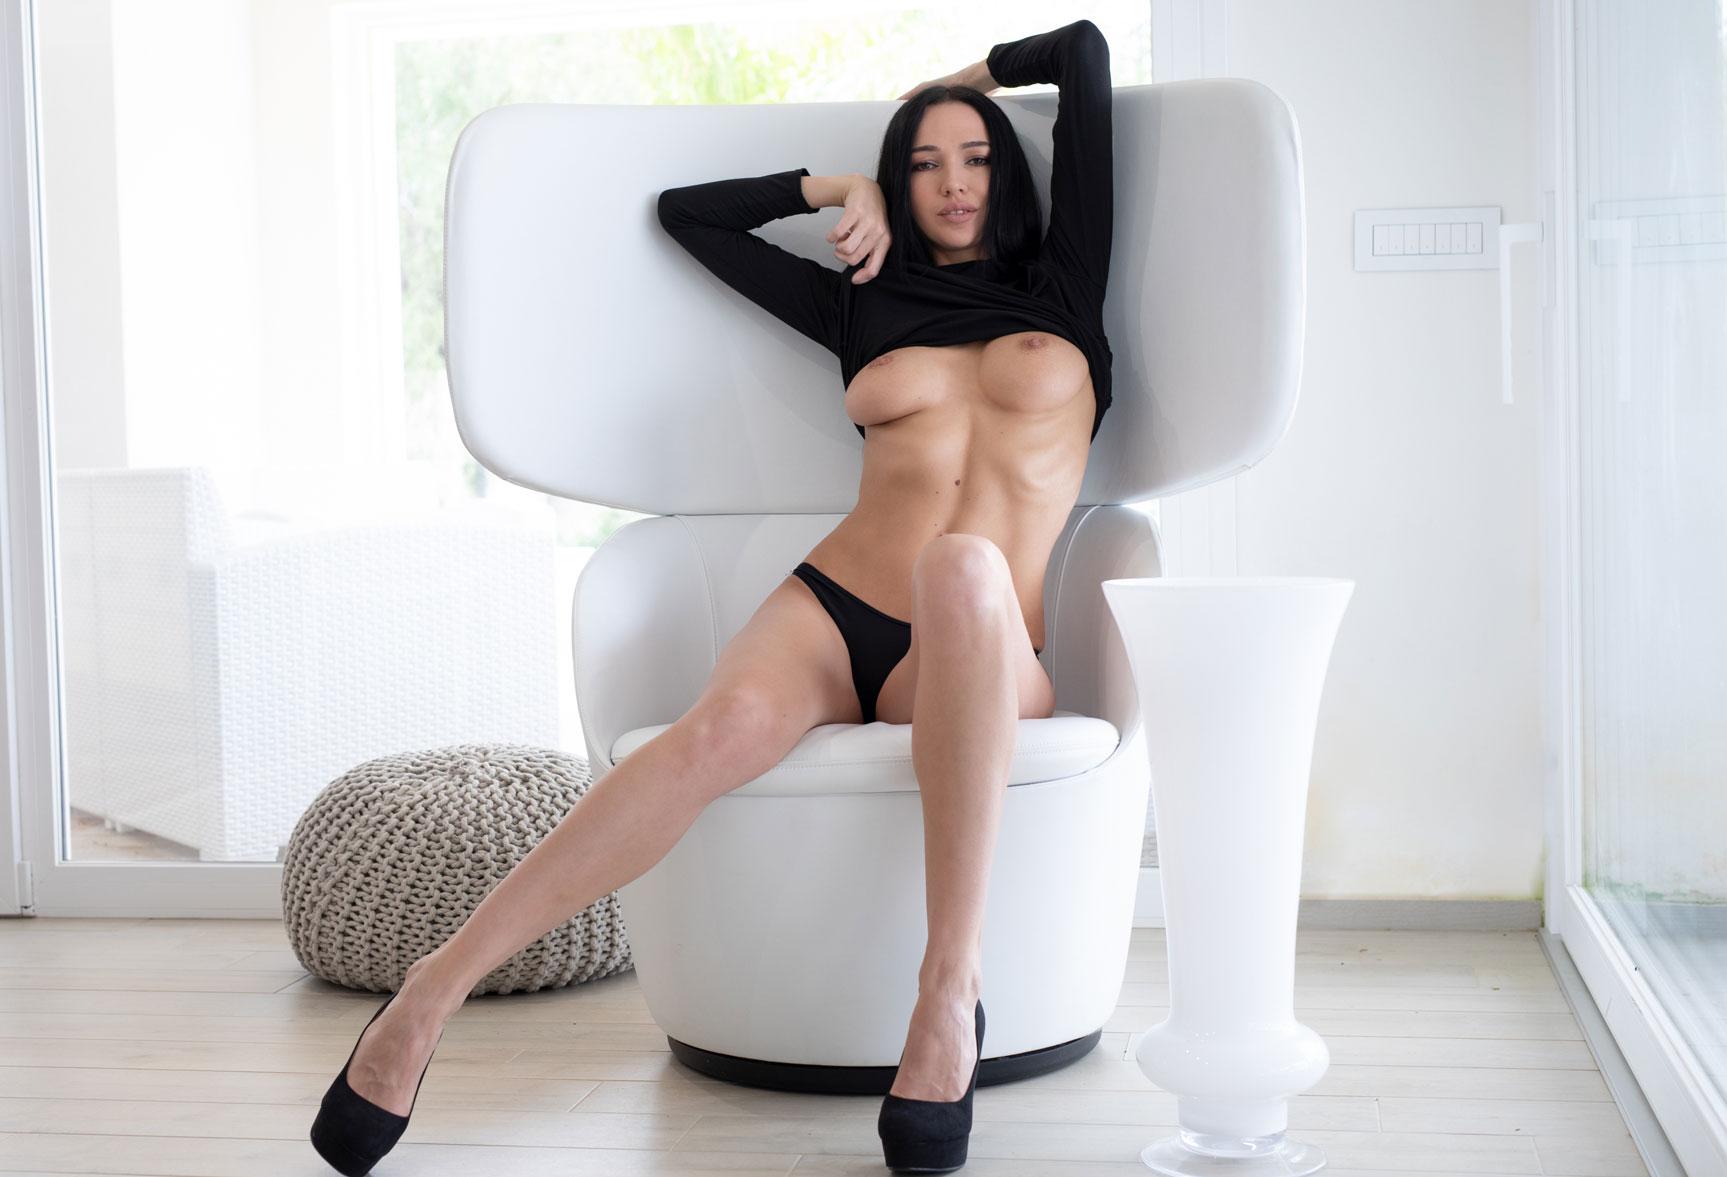 Чтение и другие радости сексуальной девушки / Анастасия Марципанова, фотограф Филиппо Сано / фото 04